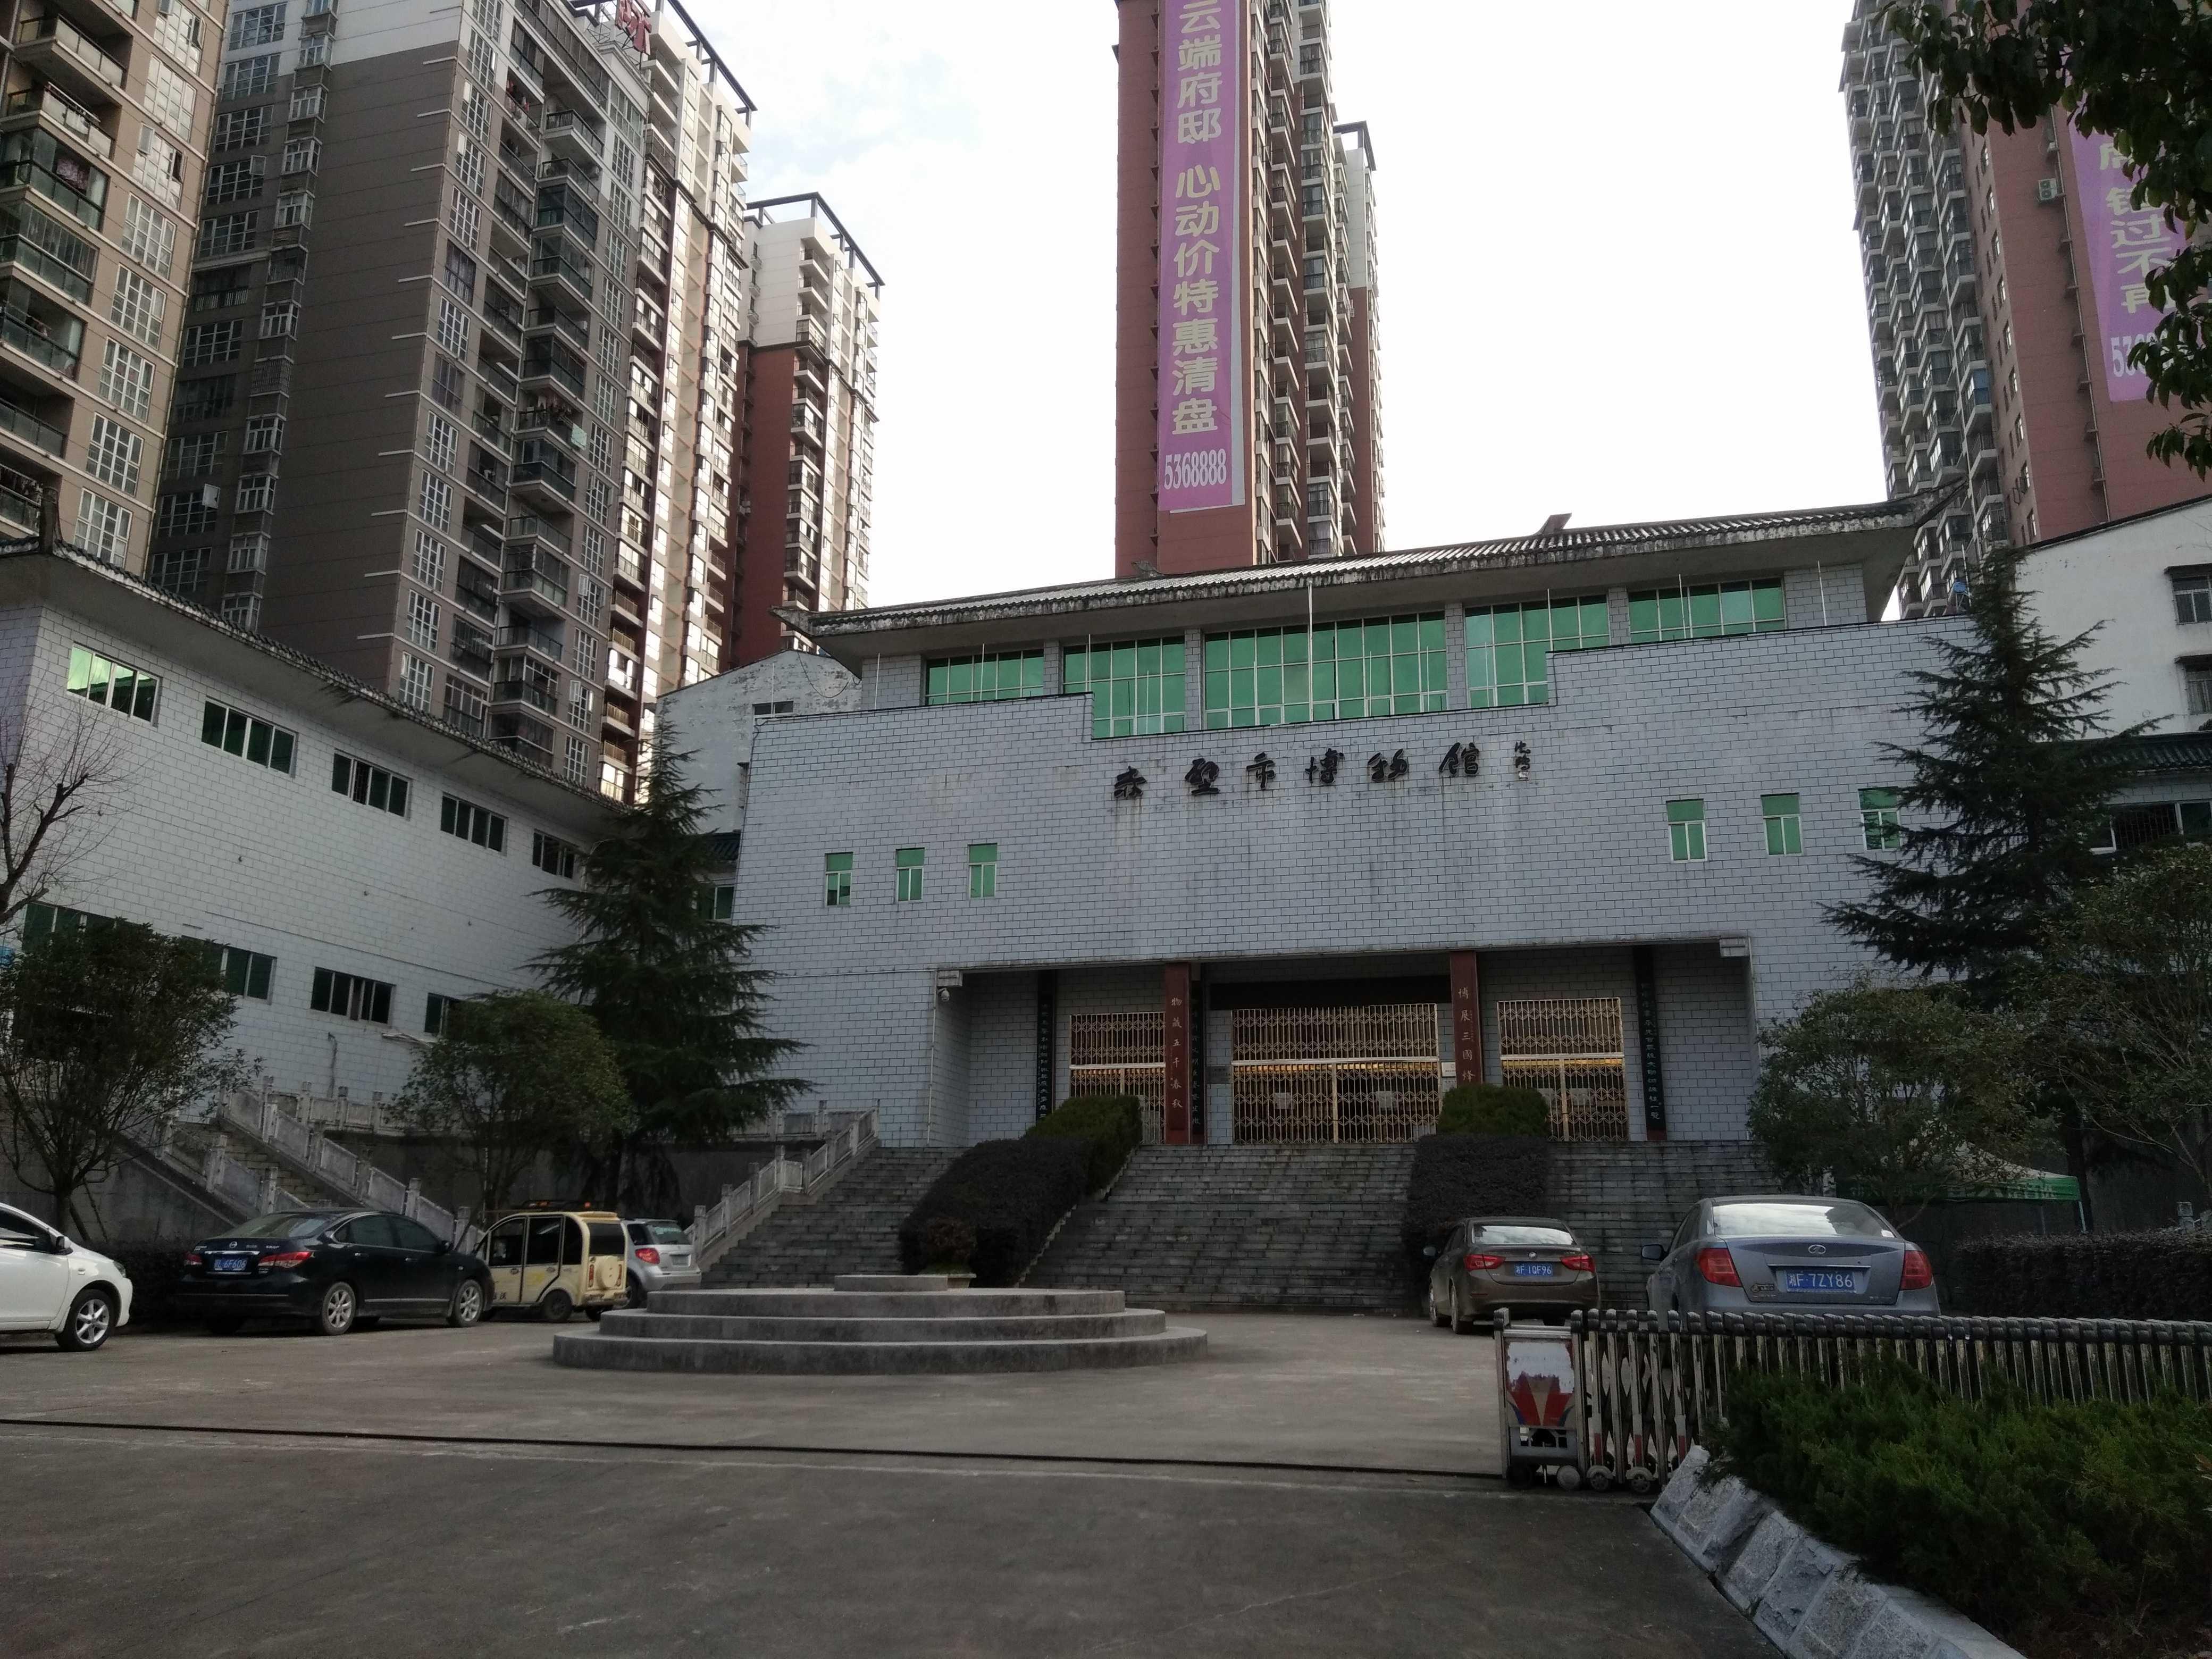 赤壁市博物館(8:30~入場可、月火休館)の三国テーマ展示品